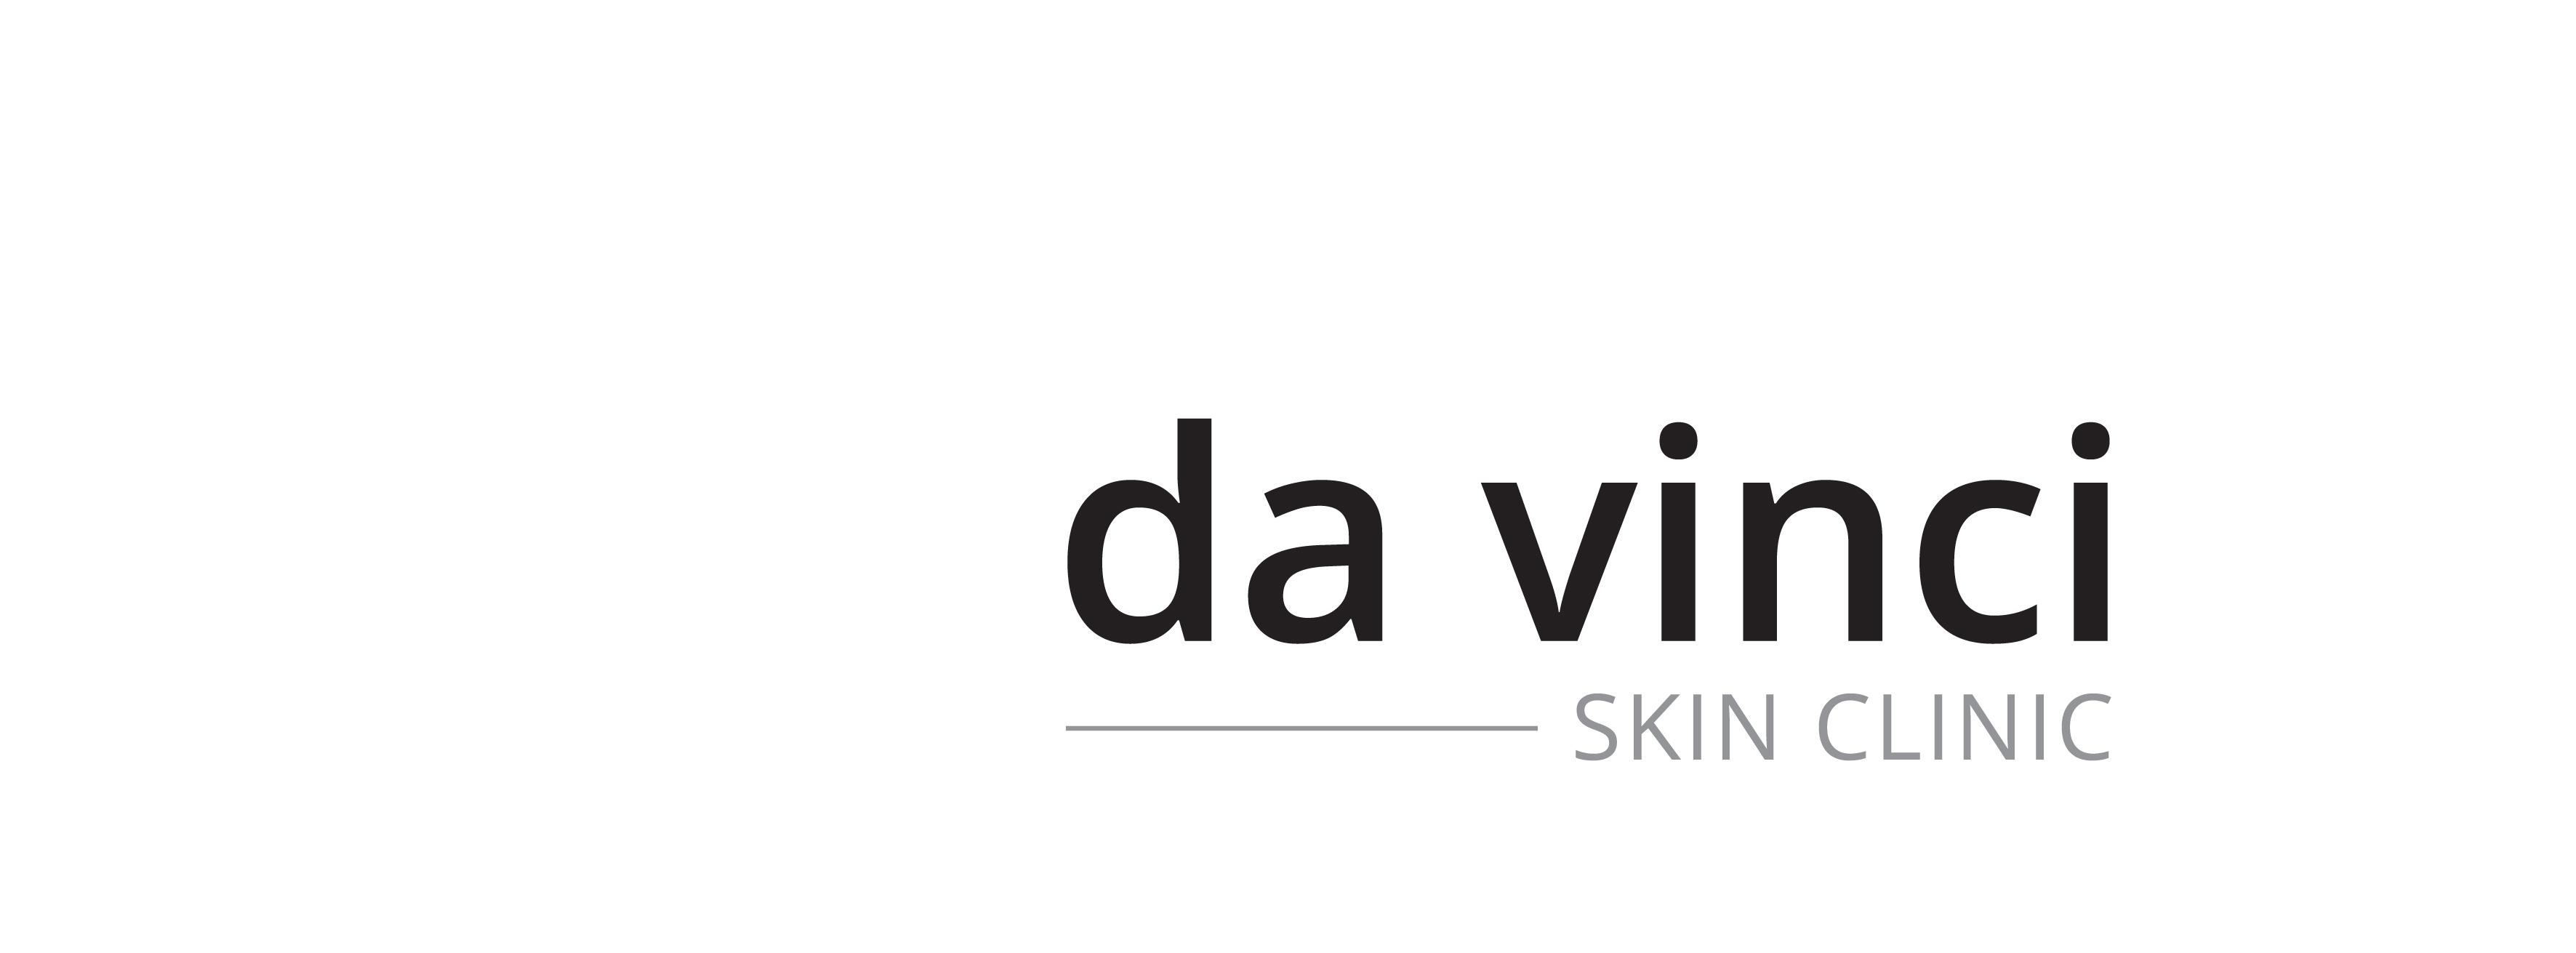 Skin Clinic Bairnsdale Da Vinci Skin Clinic Beauty Salon